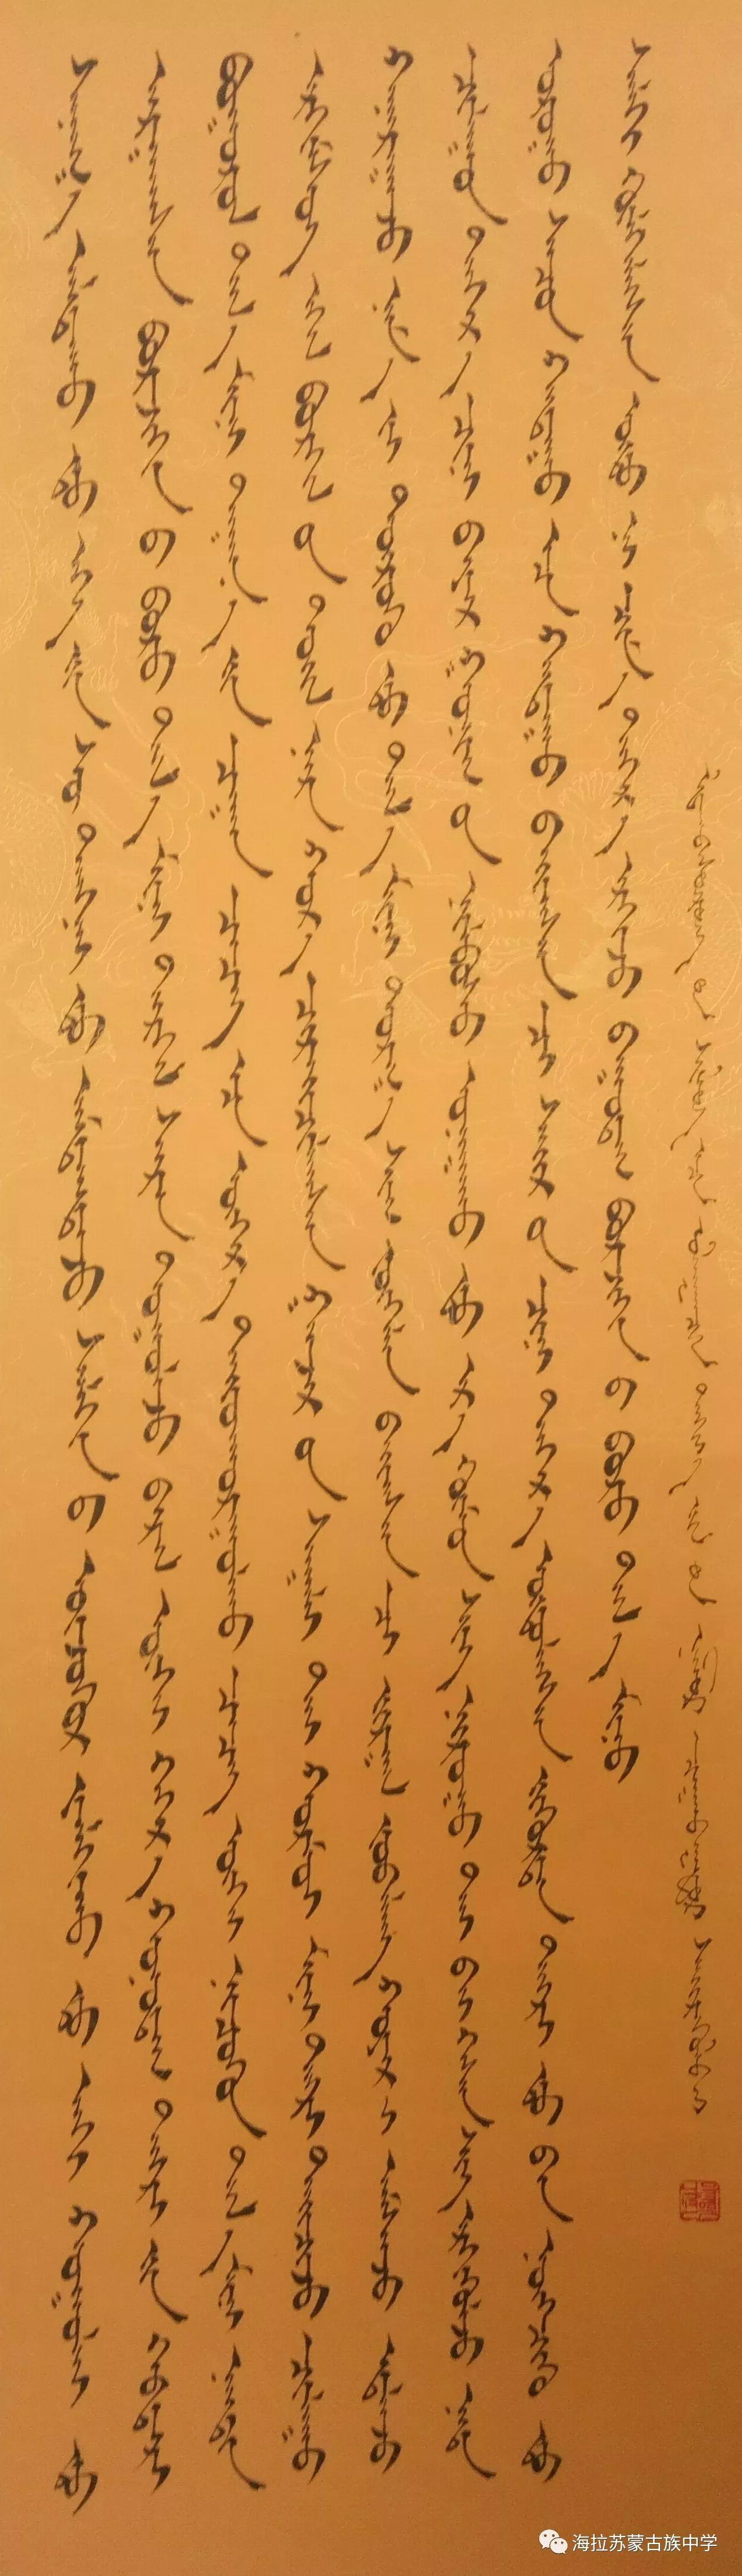 【奥奇】蒙古文书法网络展 第4张